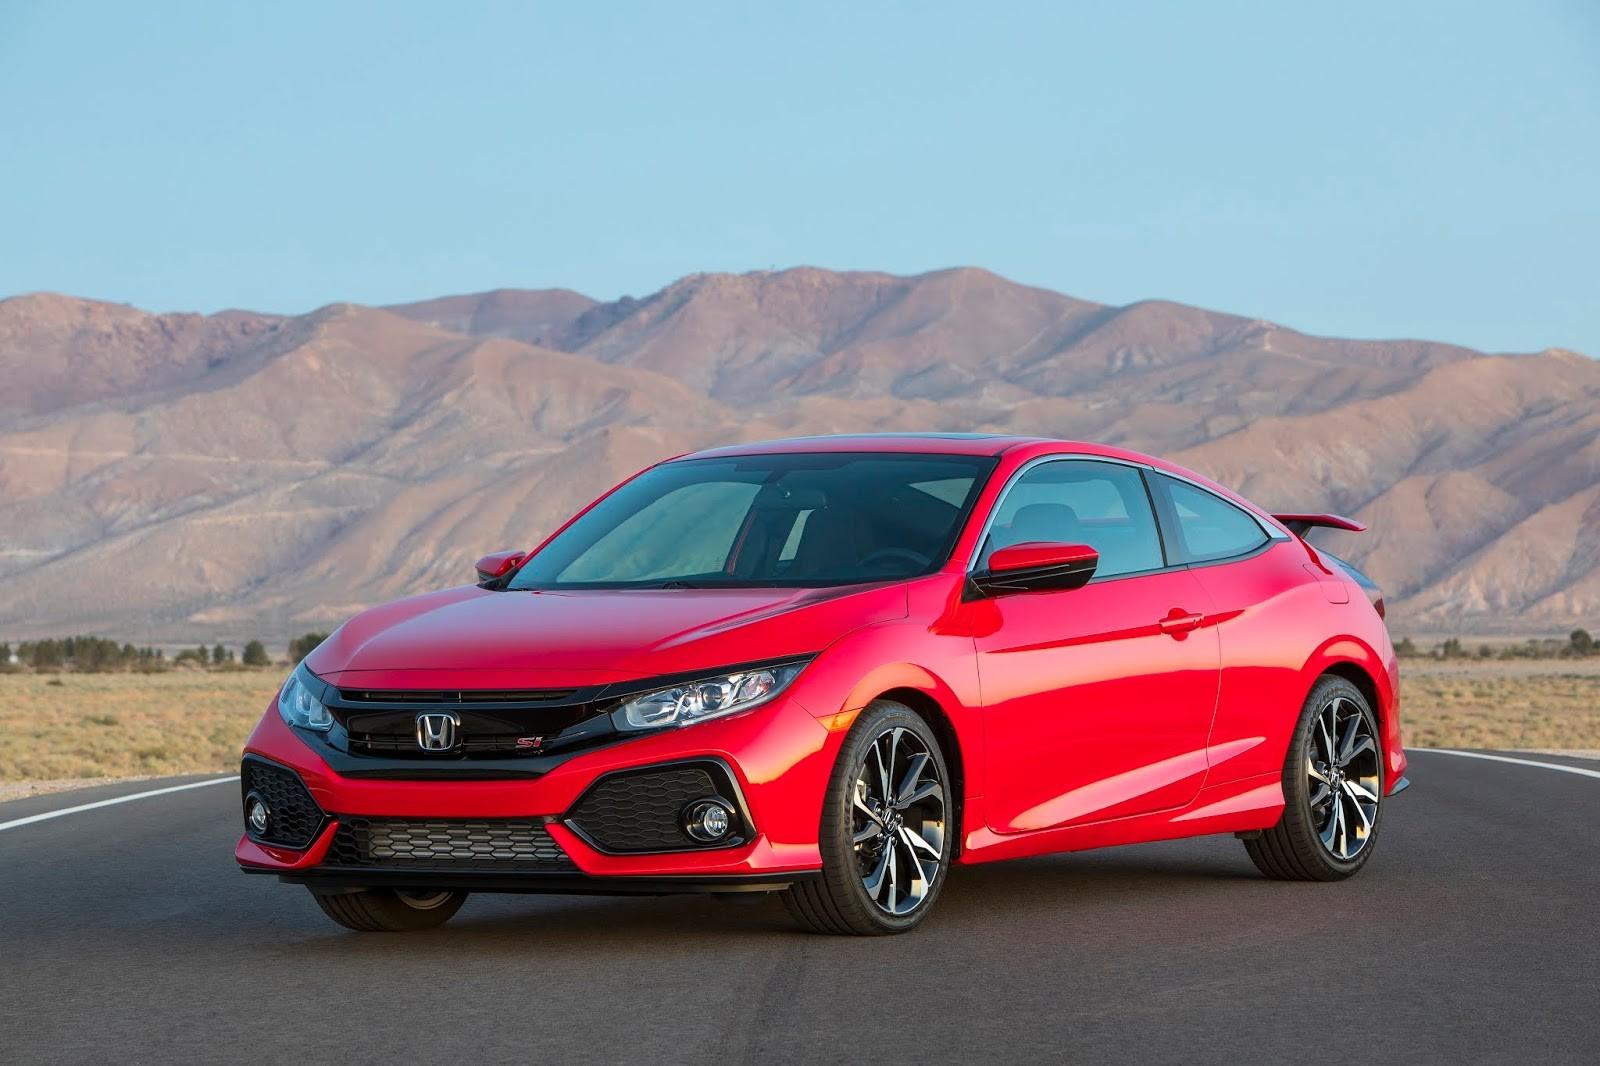 Honda Civic Si 2019 - note que a grade lateral inferior do para-choque é do tipo colmeia (Foto: Divulgação)